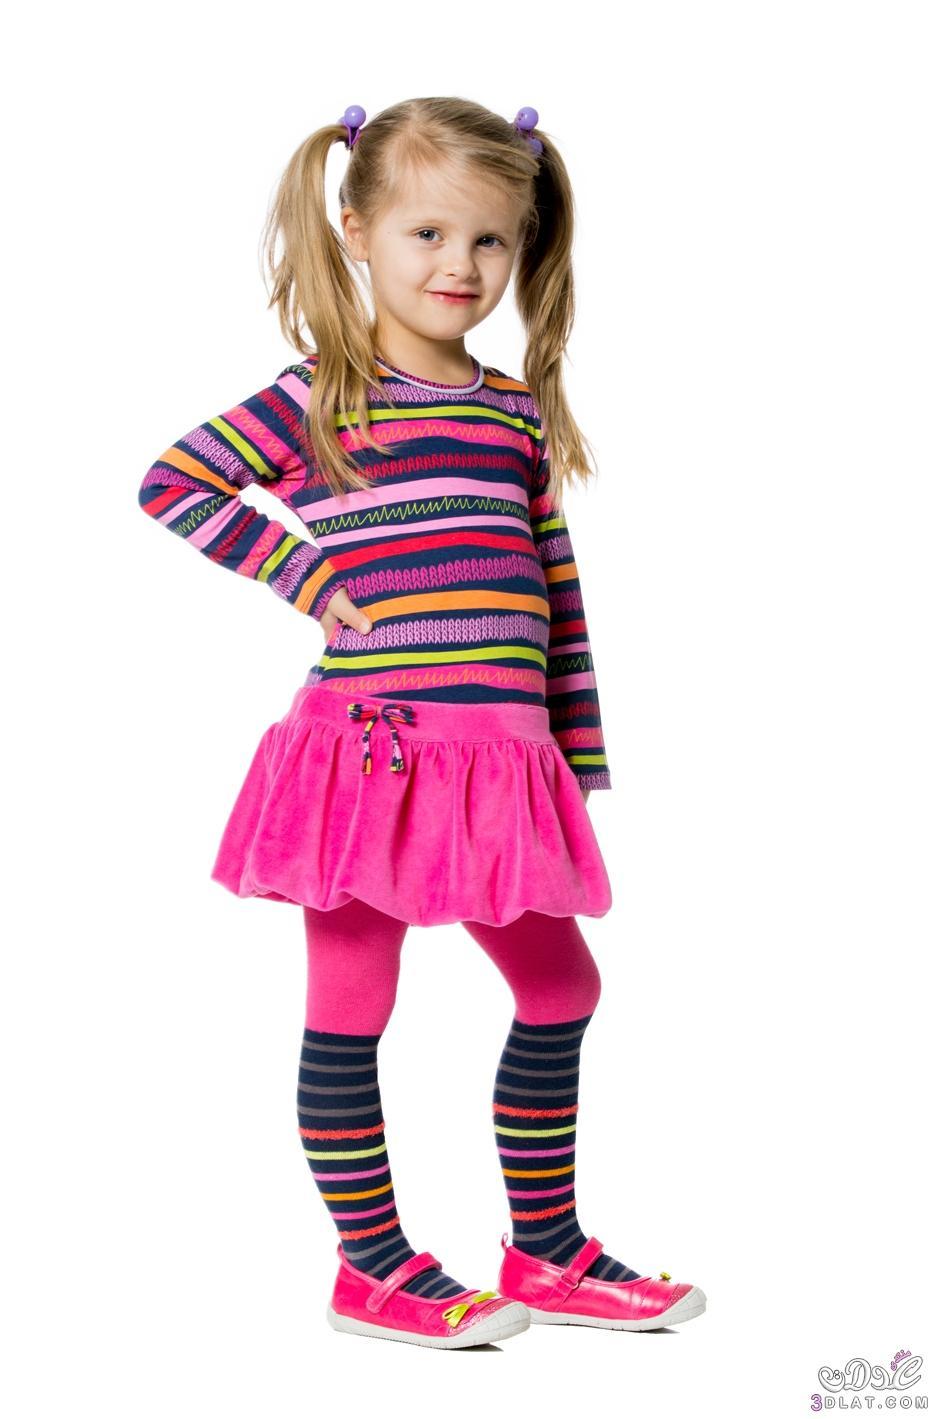 بالصور ازياء اطفال , ملابس اطفال ولا اروع 2110 11